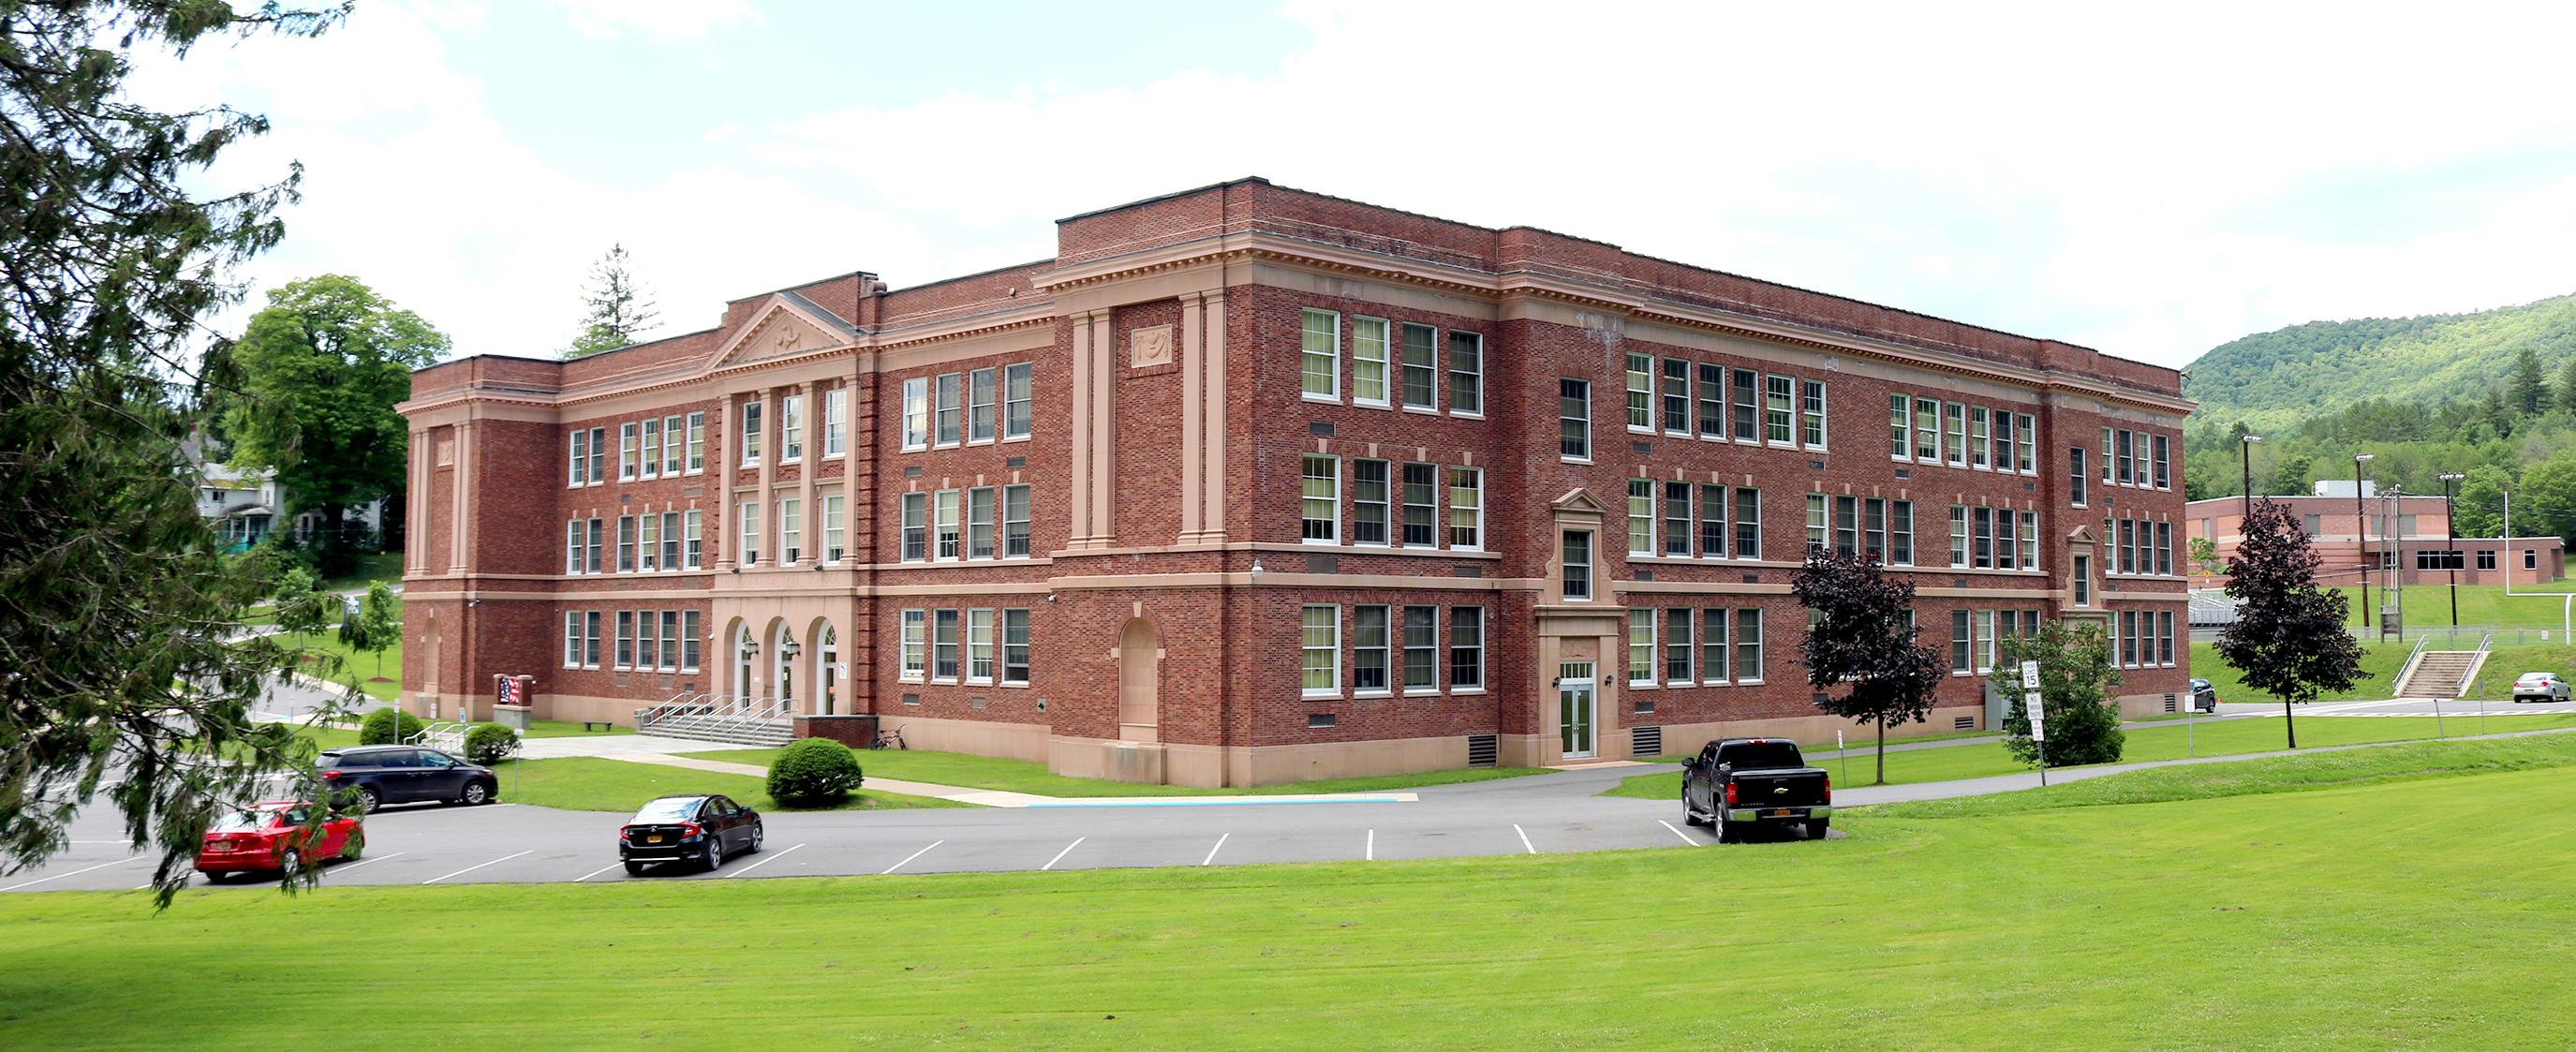 Hancock Central School (11/2020)